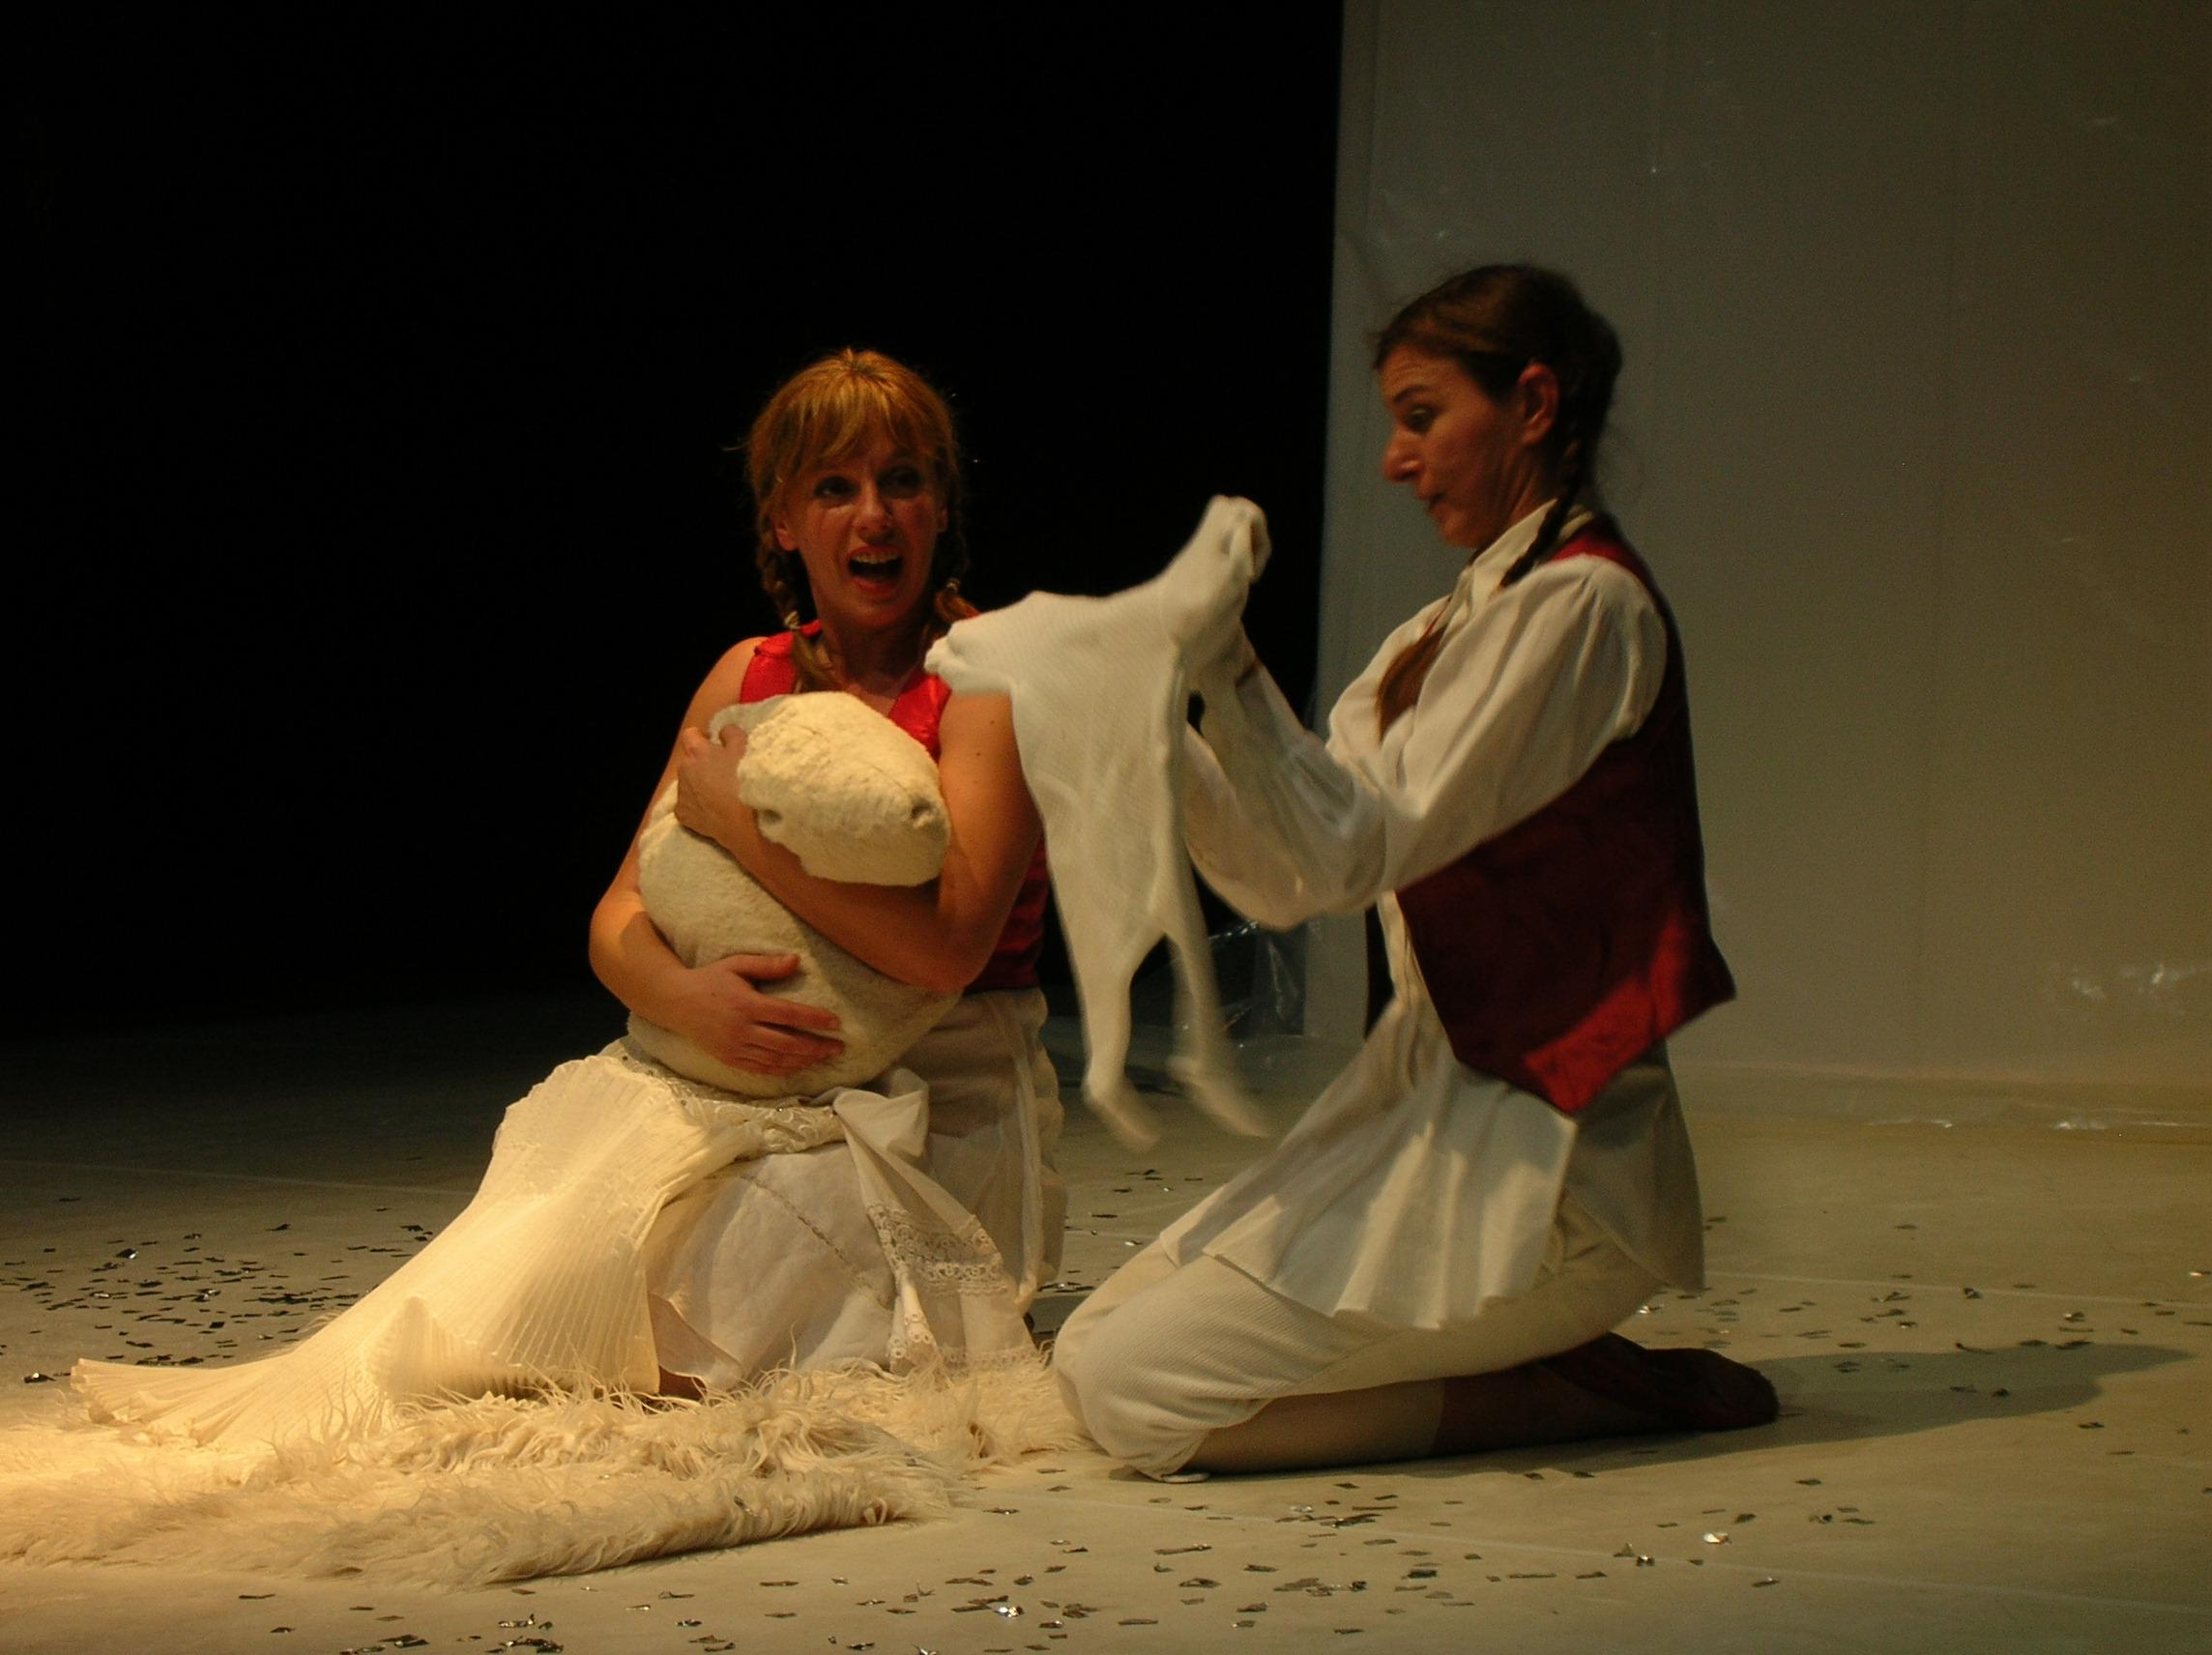 fiocco-di-neve-fiocco-di-lana_europa-teatri